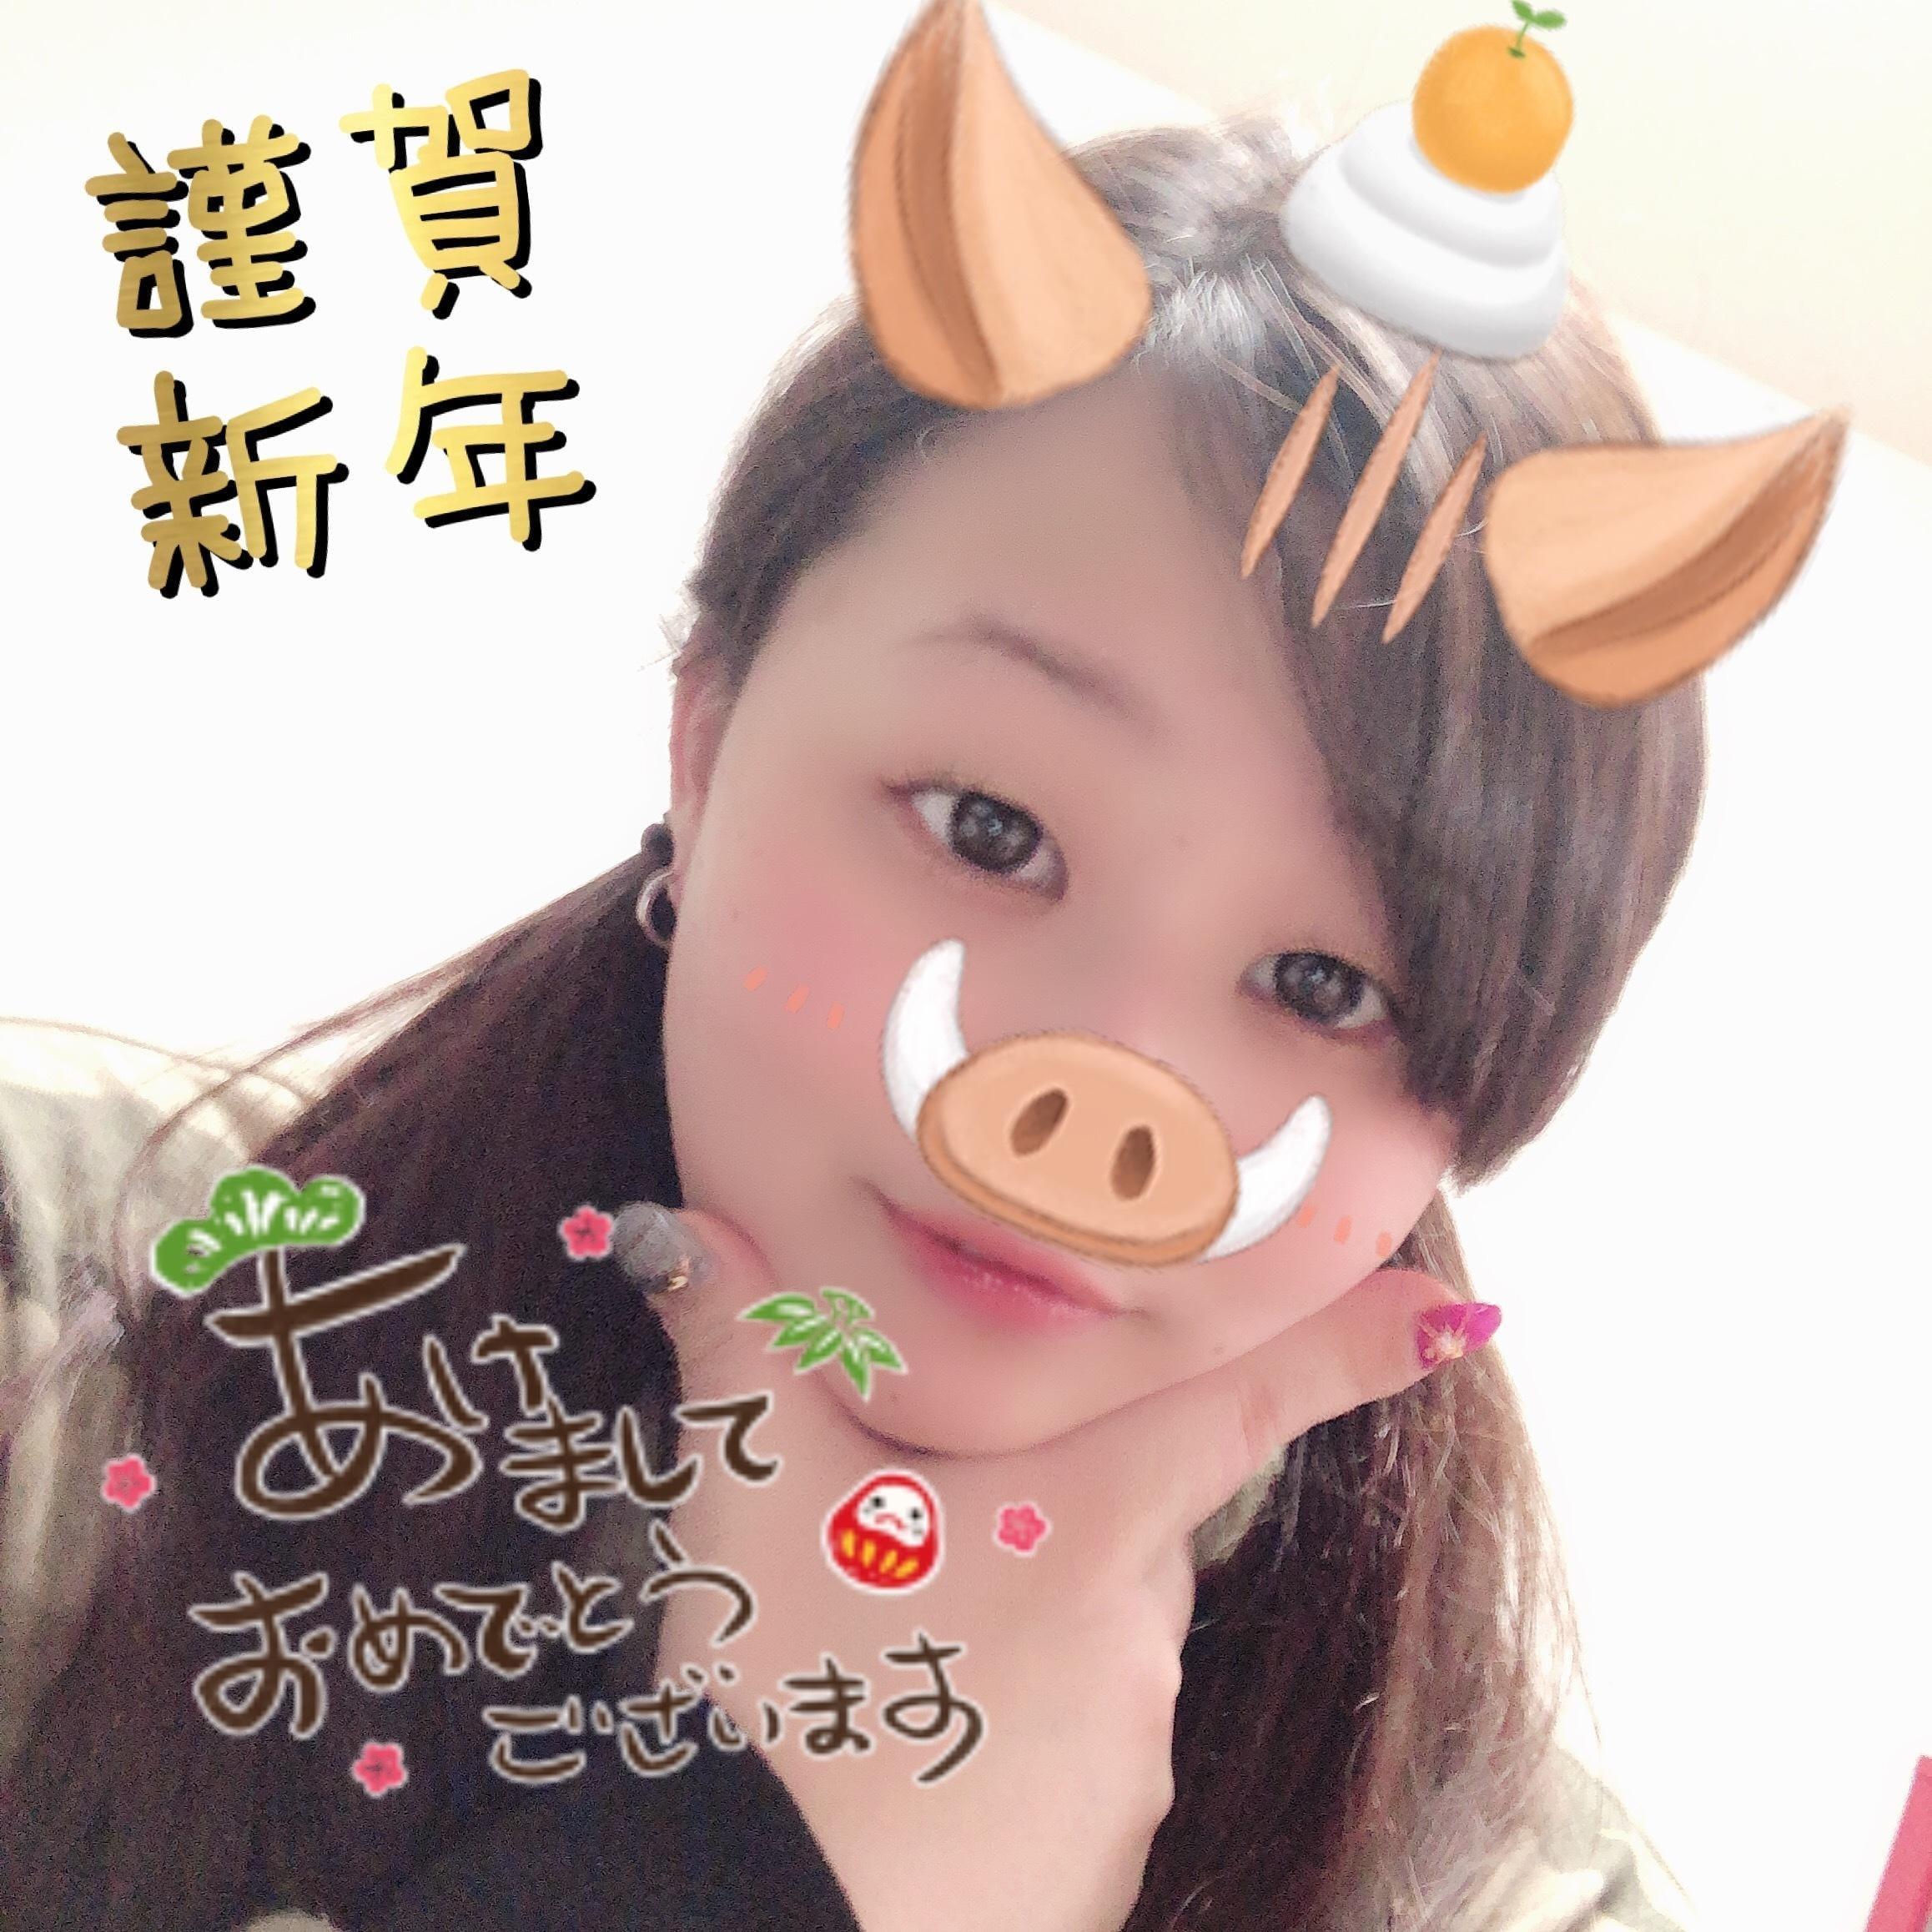 「ぷら日記?明けましたぁ?」01/01(01/01) 02:06 | まみの写メ・風俗動画